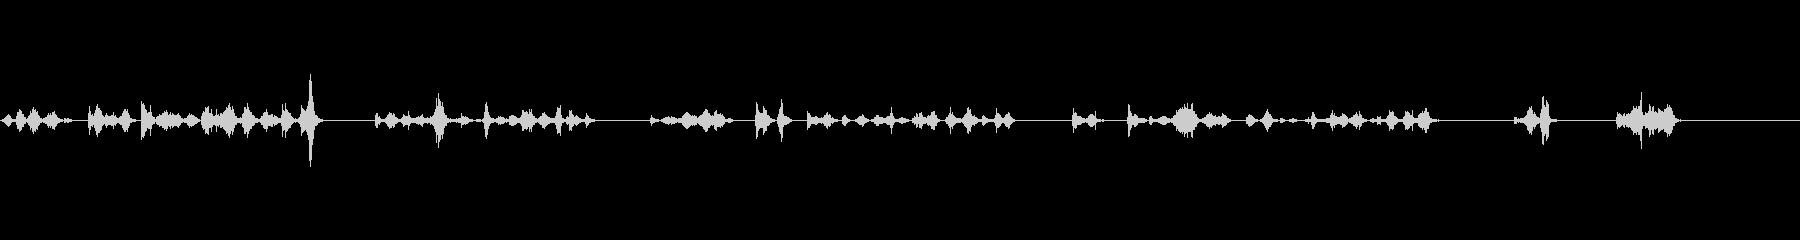 ペンで文字を書いている音の未再生の波形